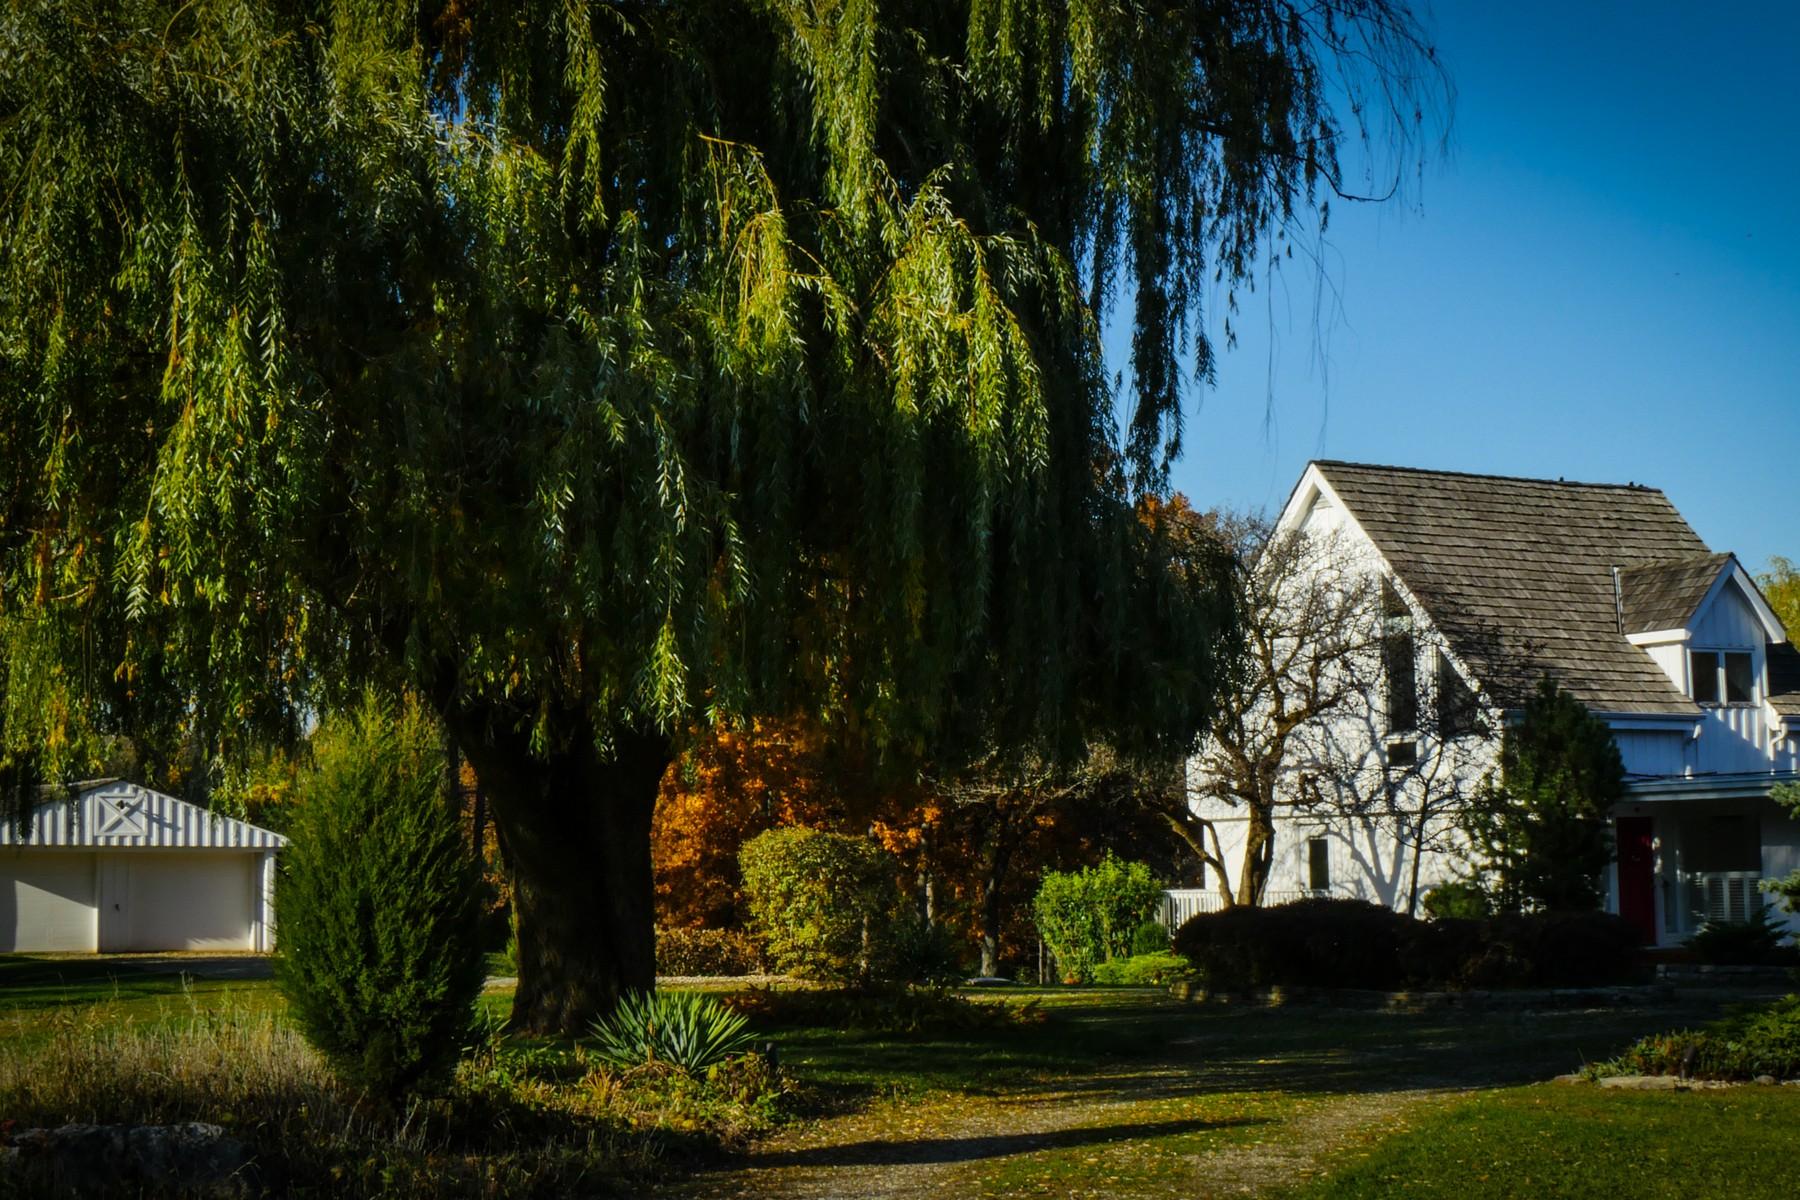 Частный односемейный дом для того Продажа на Waterfront Living 48 Otis Road Barrington Hills, Иллинойс, 60010 Соединенные Штаты